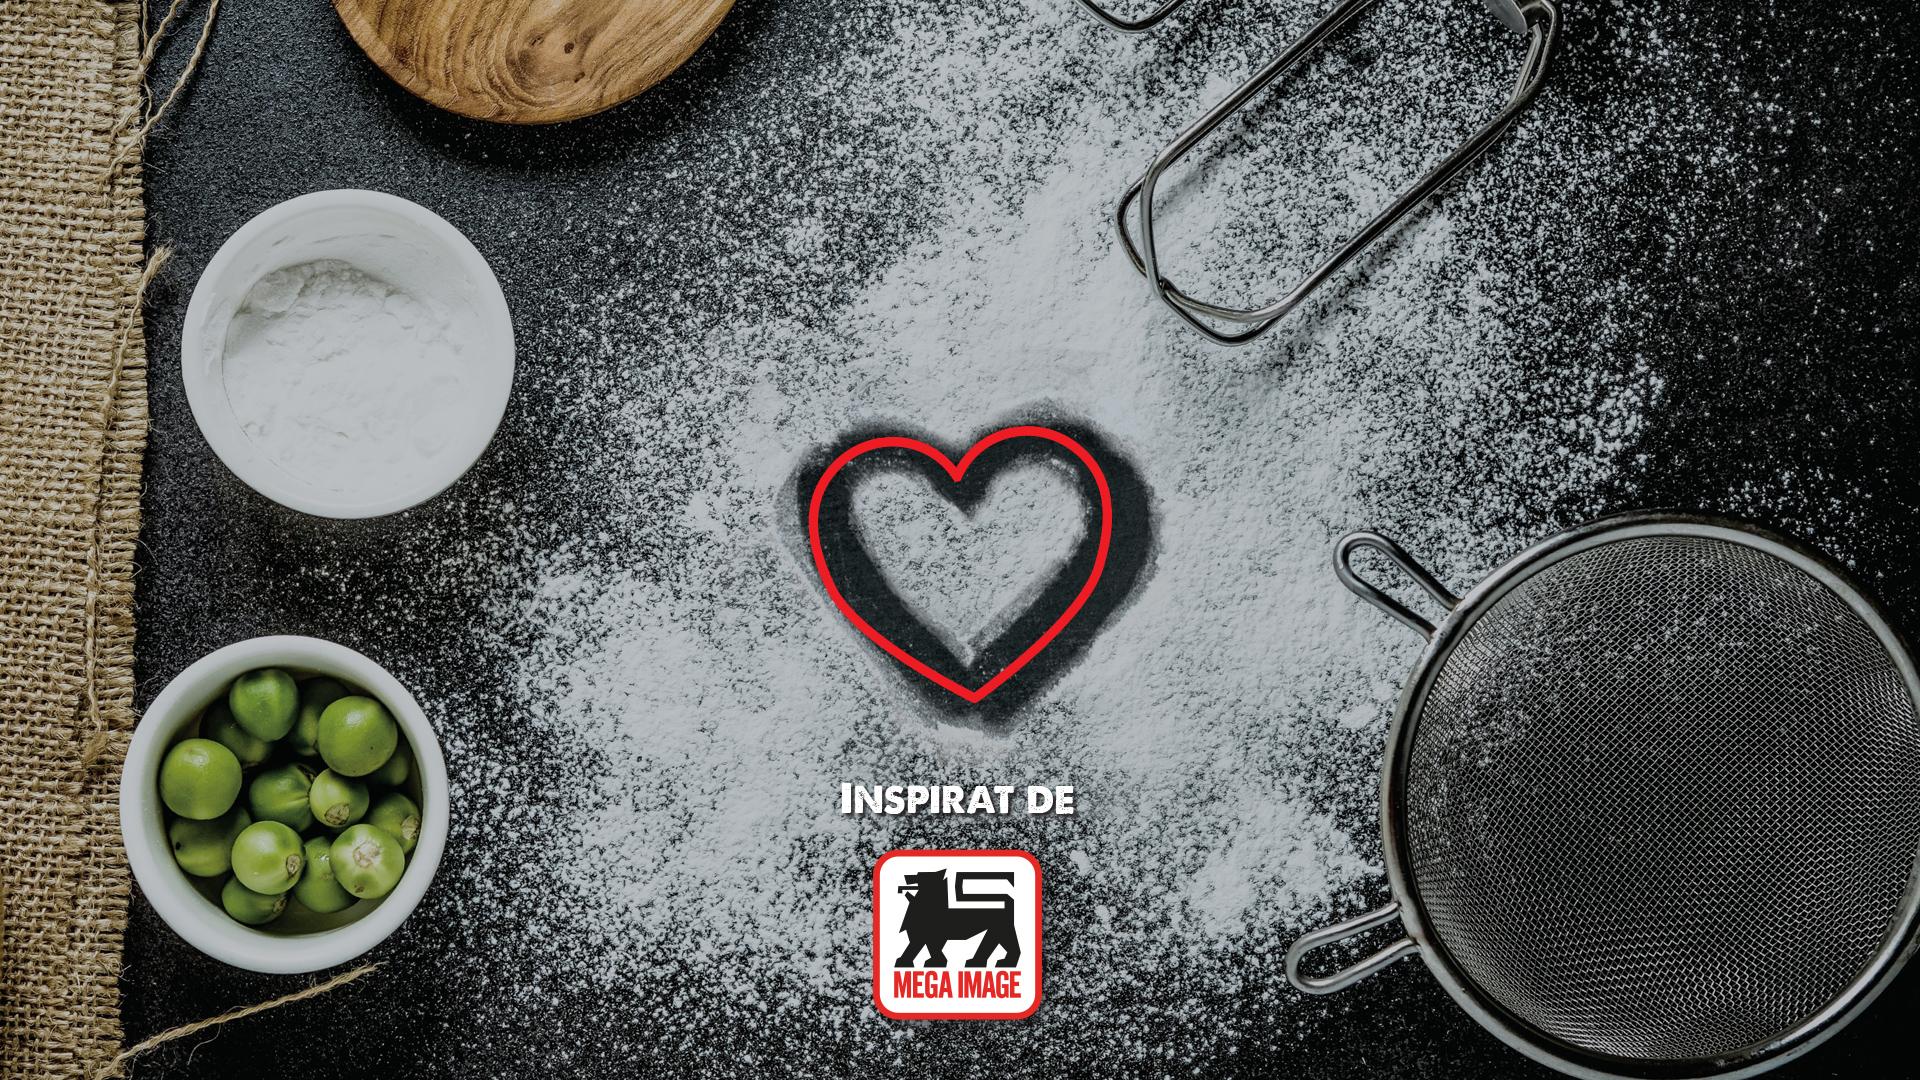 Rubrica sponsorizata de Mega Image - Inspiratie pentru inima casei tale